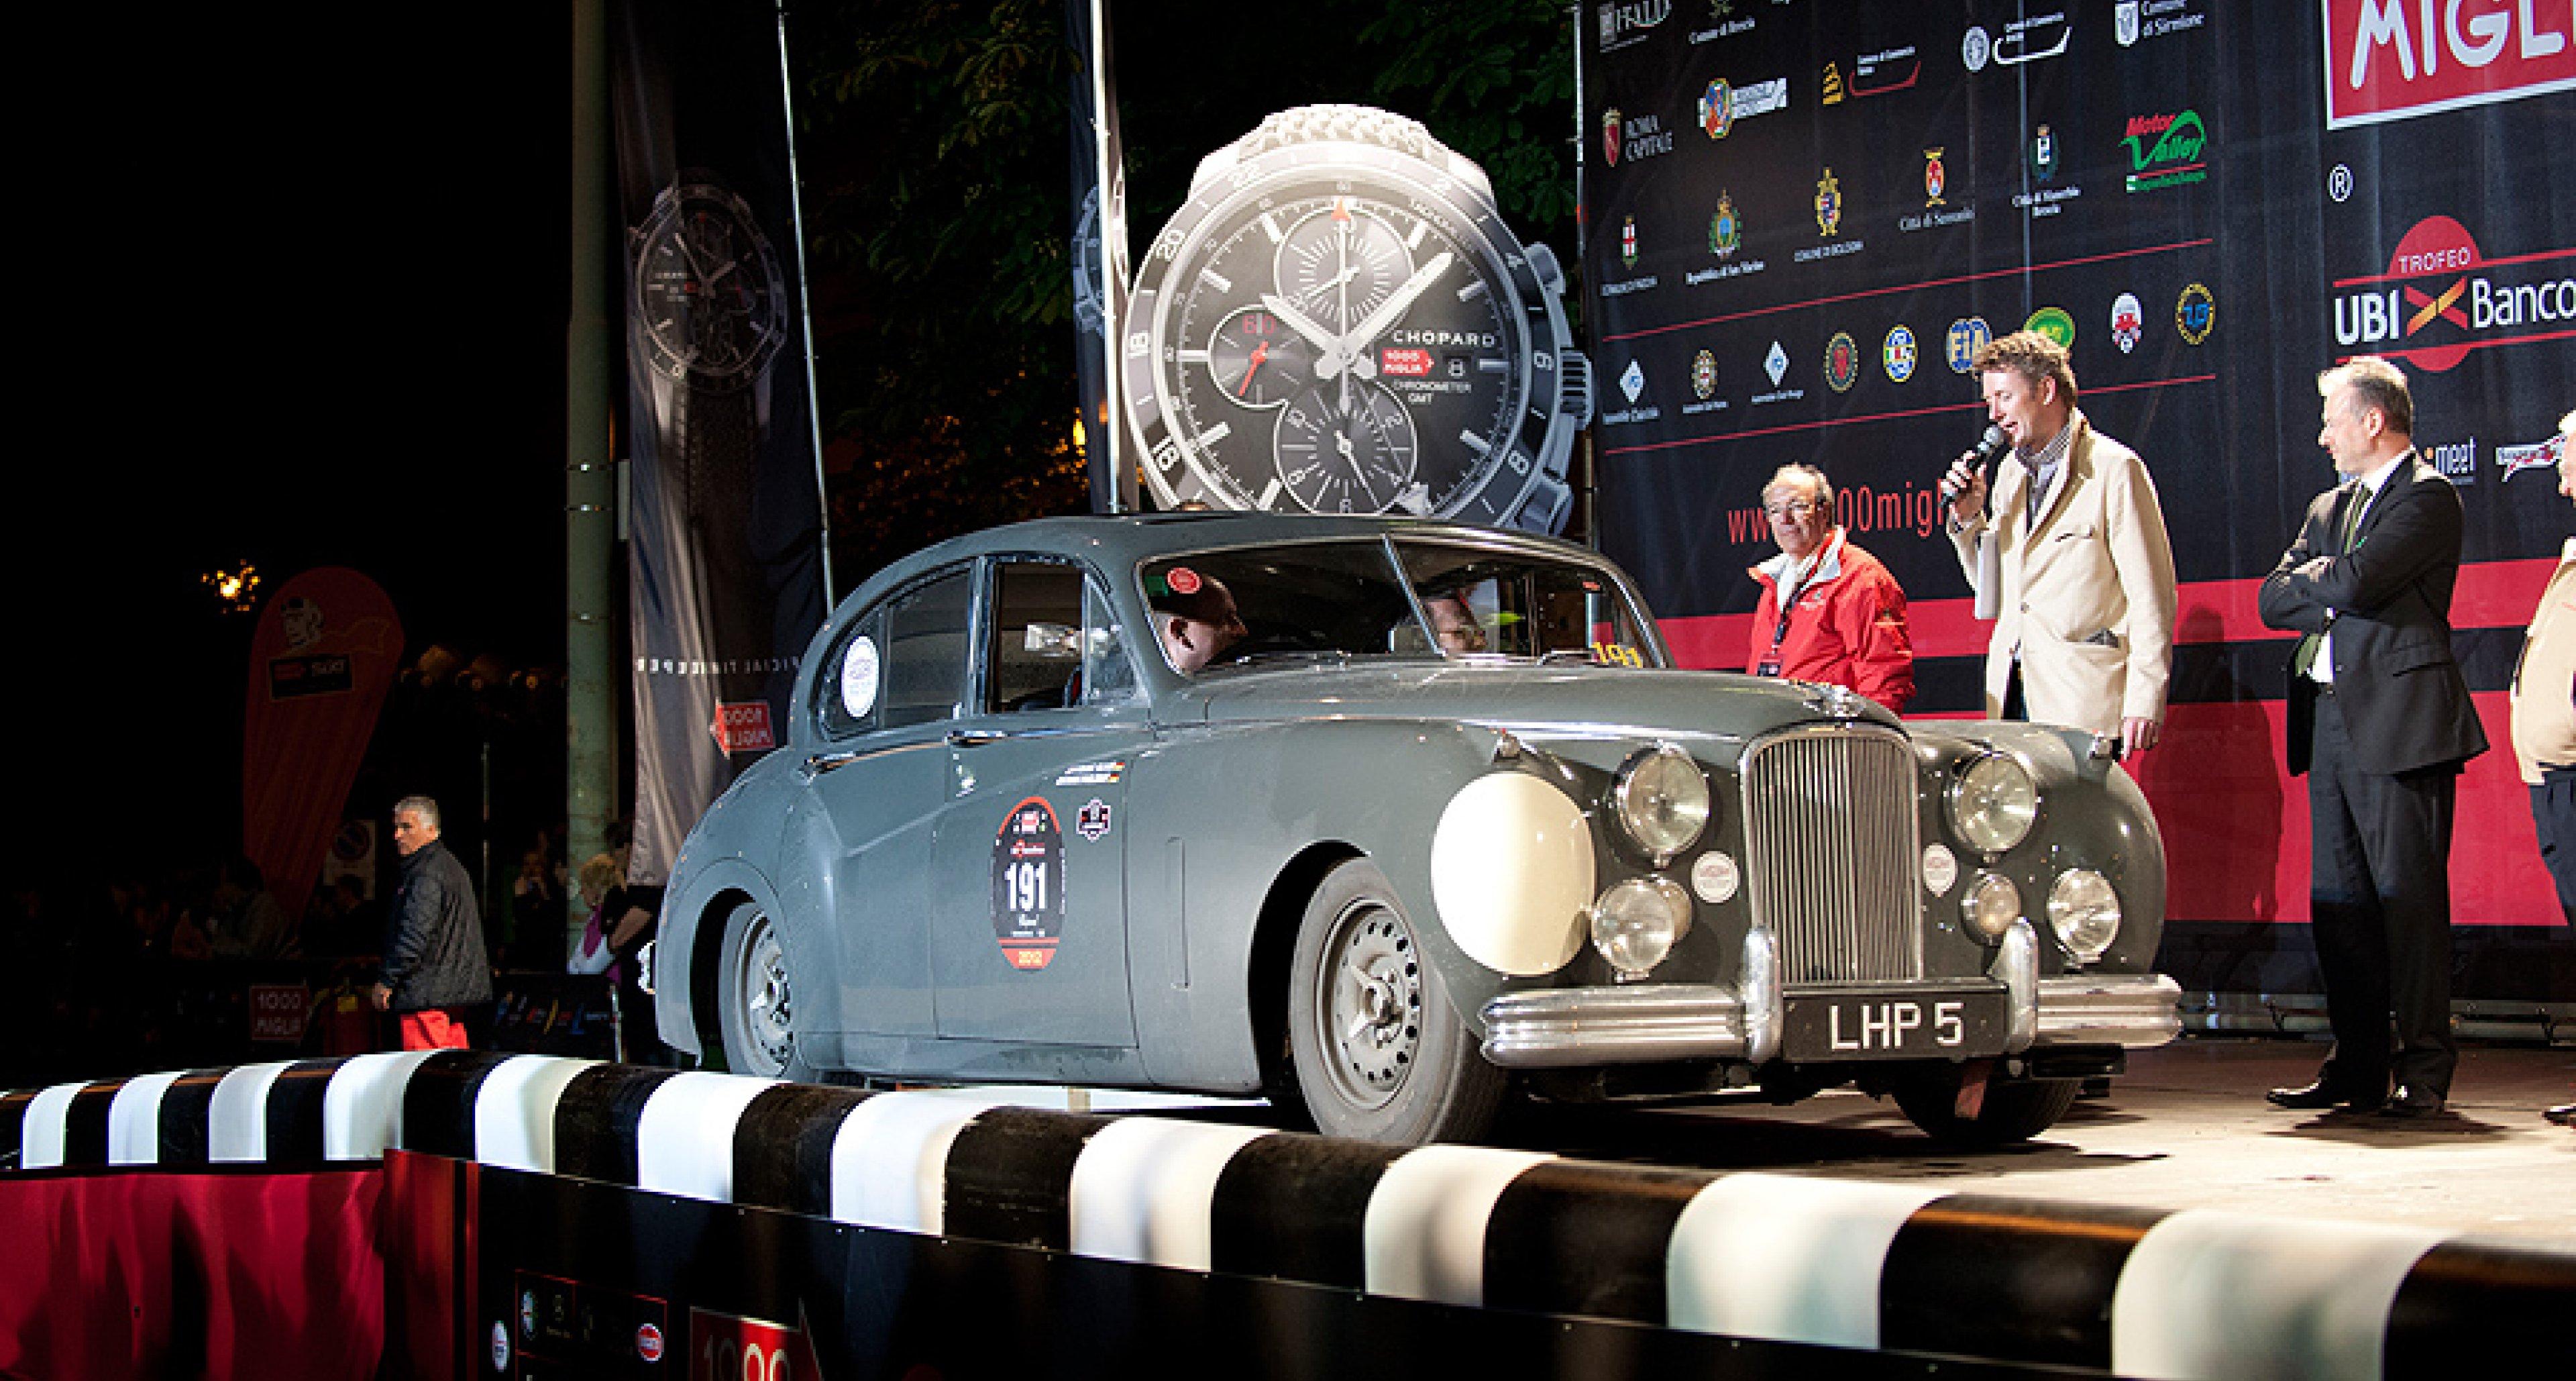 Mille Miglia 2012: Rallye-Notizen aus dem Cockpit